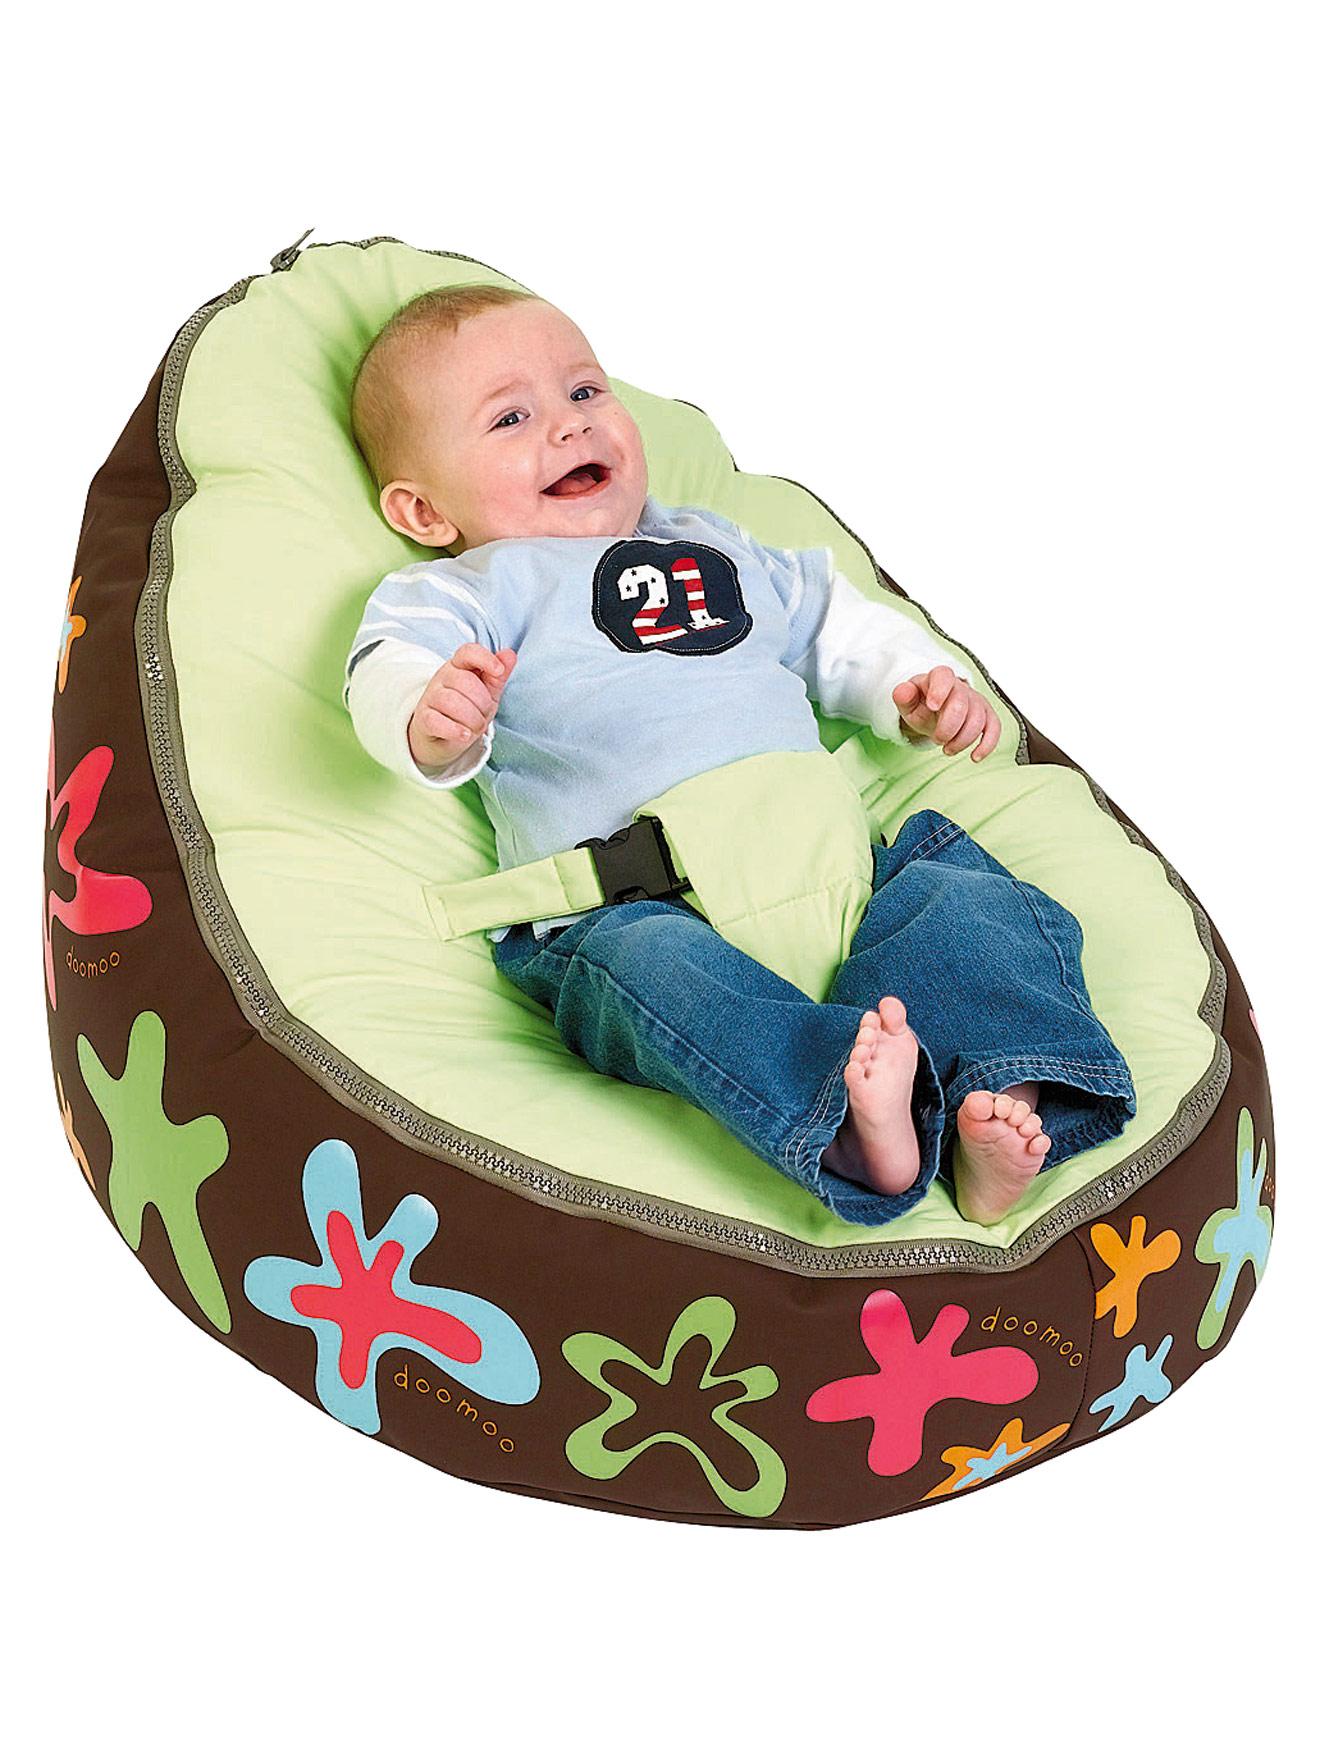 Выкройки на детское кресло мешок своими руками Браслеты из натуральных камней своими руками, сегодня